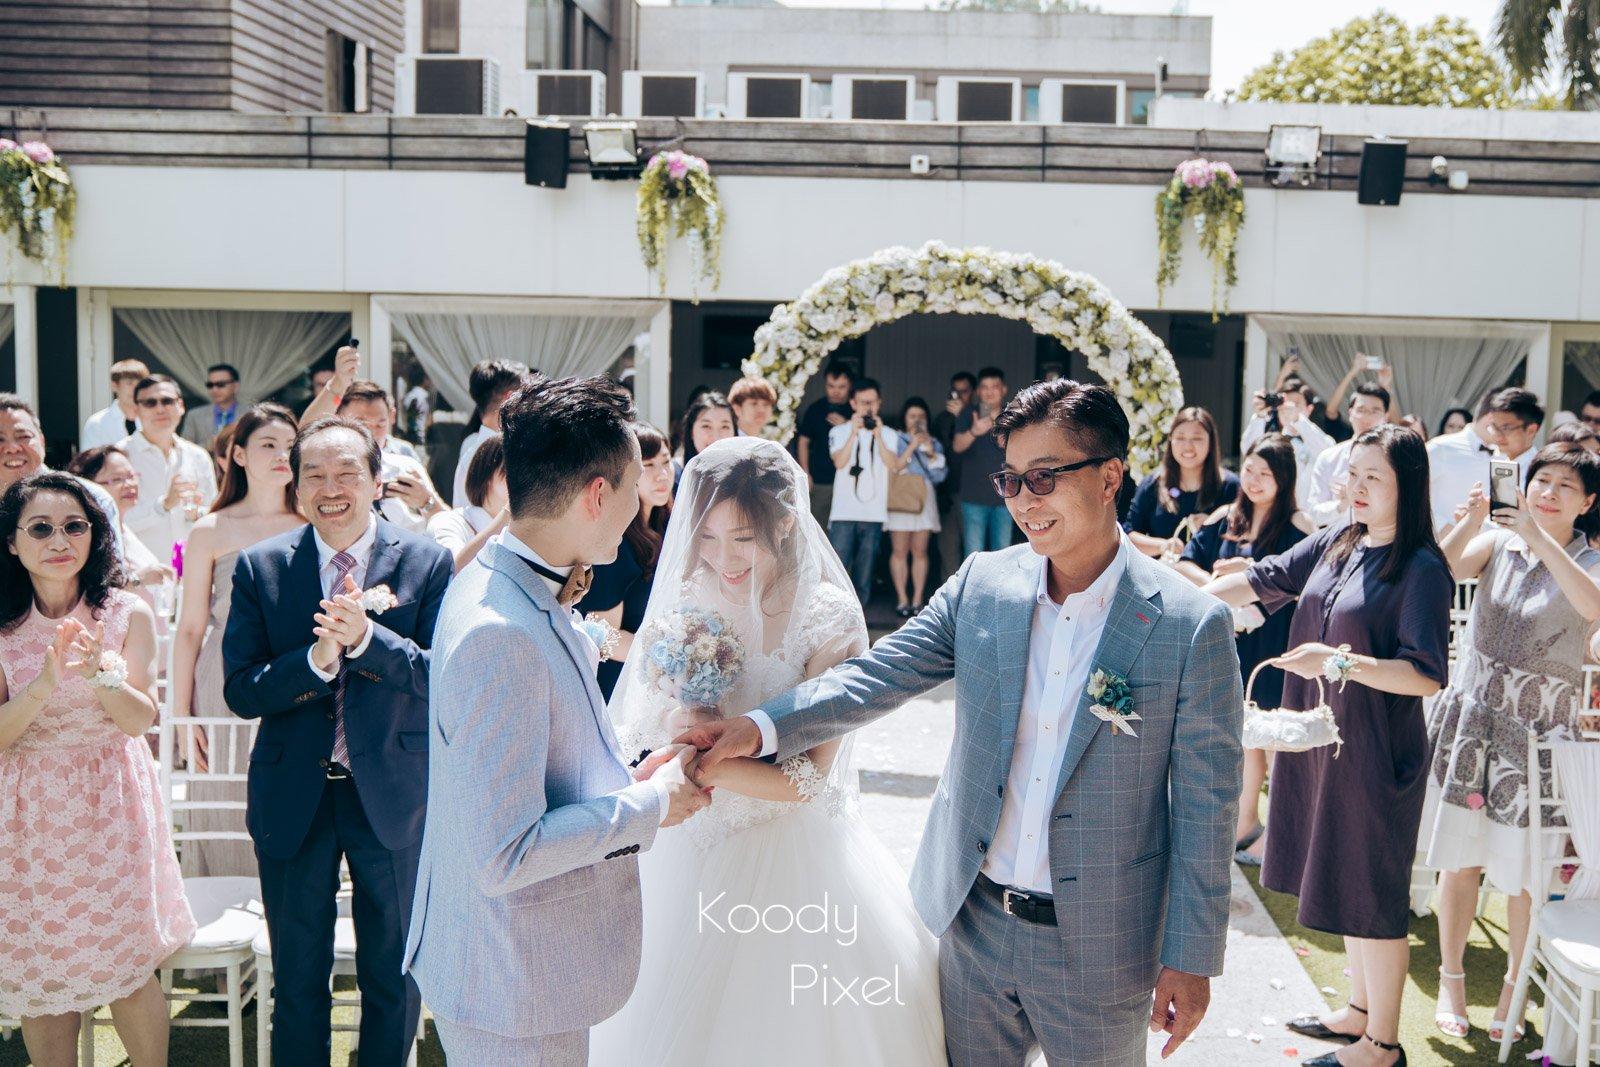 婚禮攝影 | Big Day 攝影